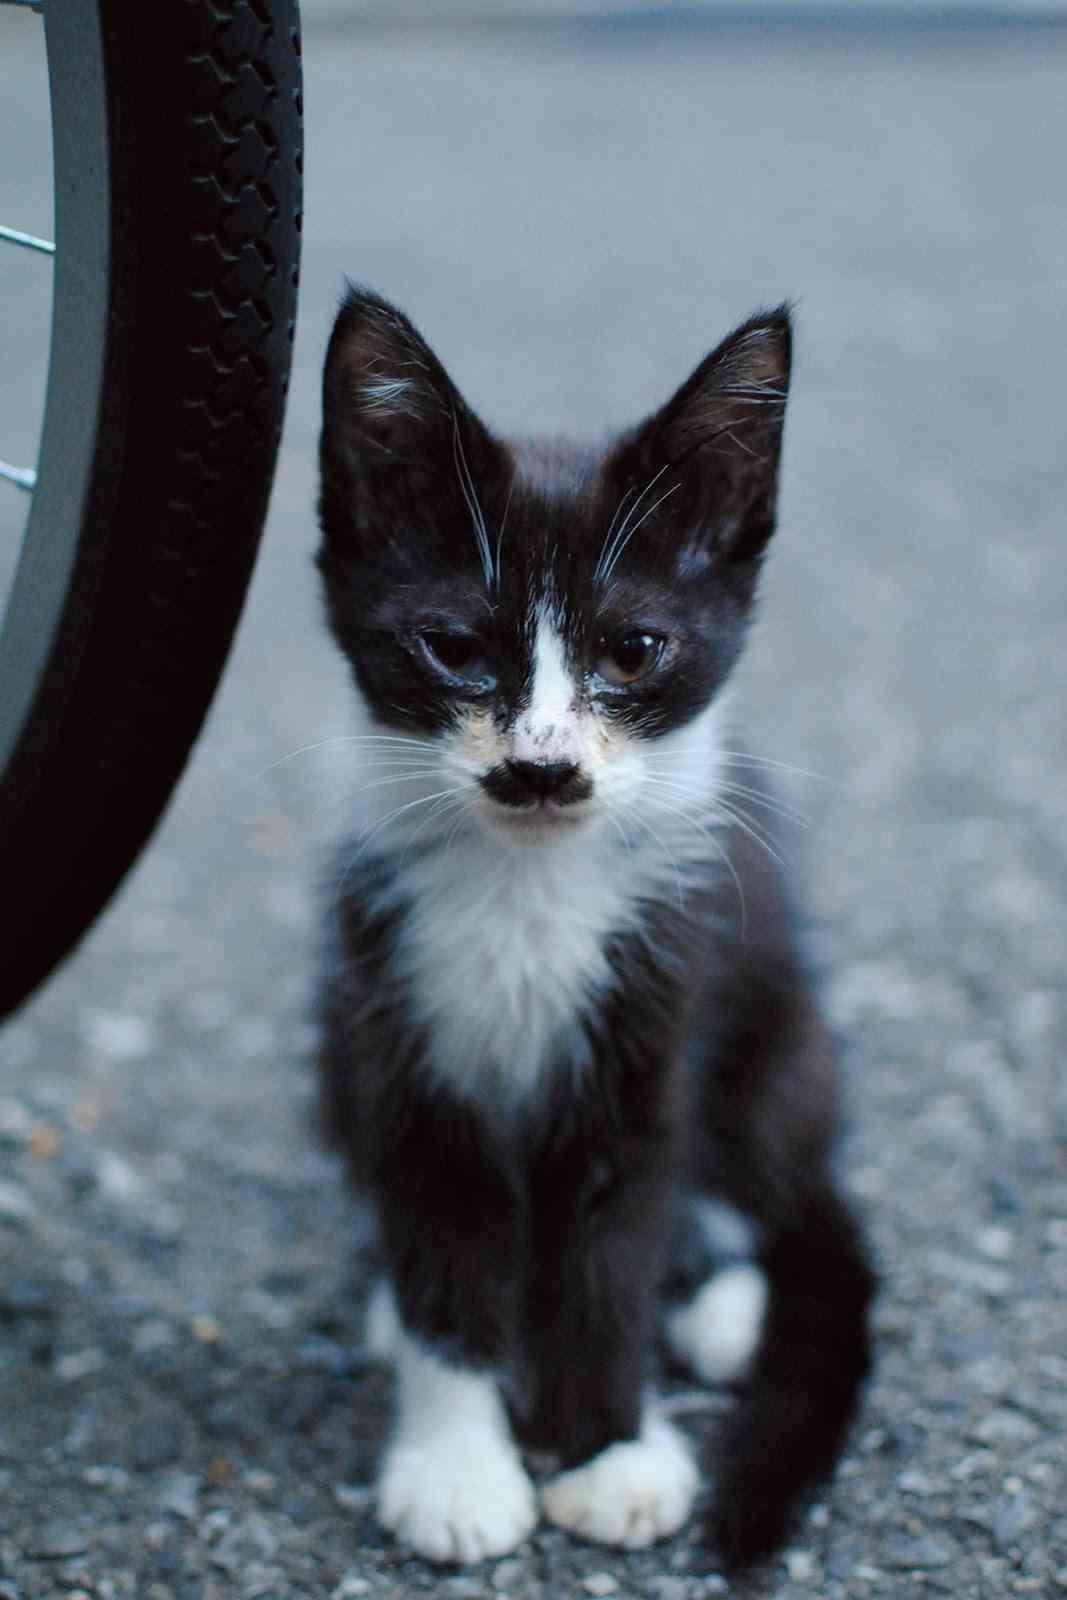 猫を拾ったのですが、どうぞご教示ください。